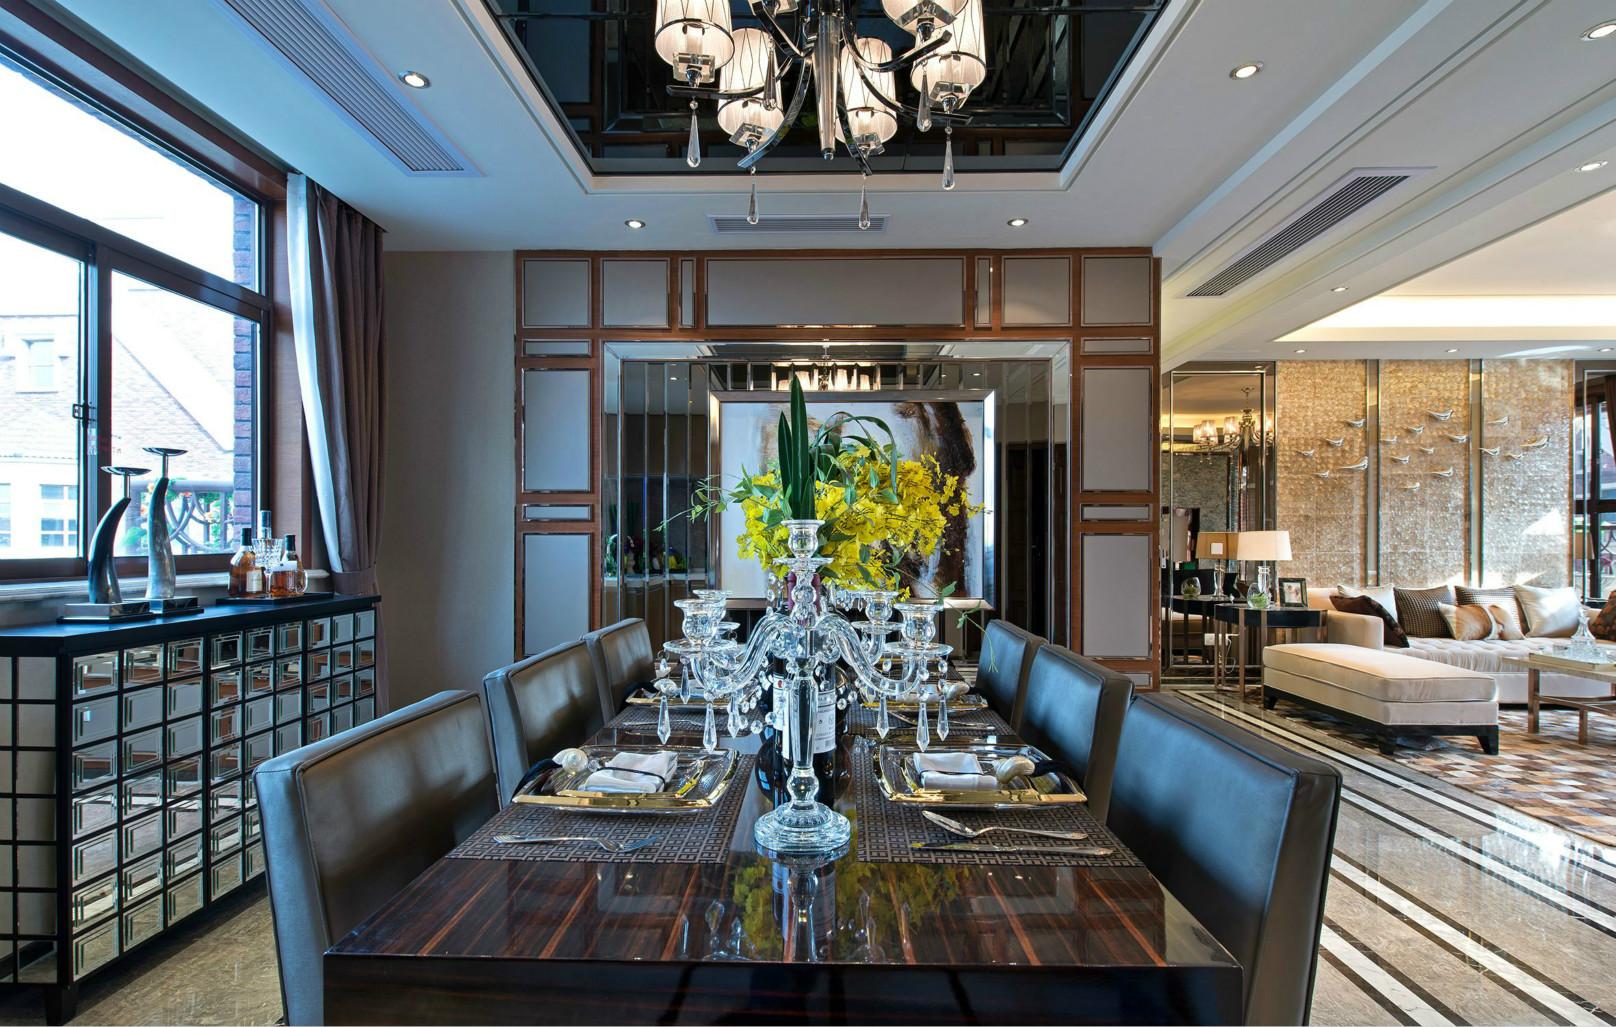 餐厅以黑皮椅子和木质桌子,营造出简约时尚又大气的品味